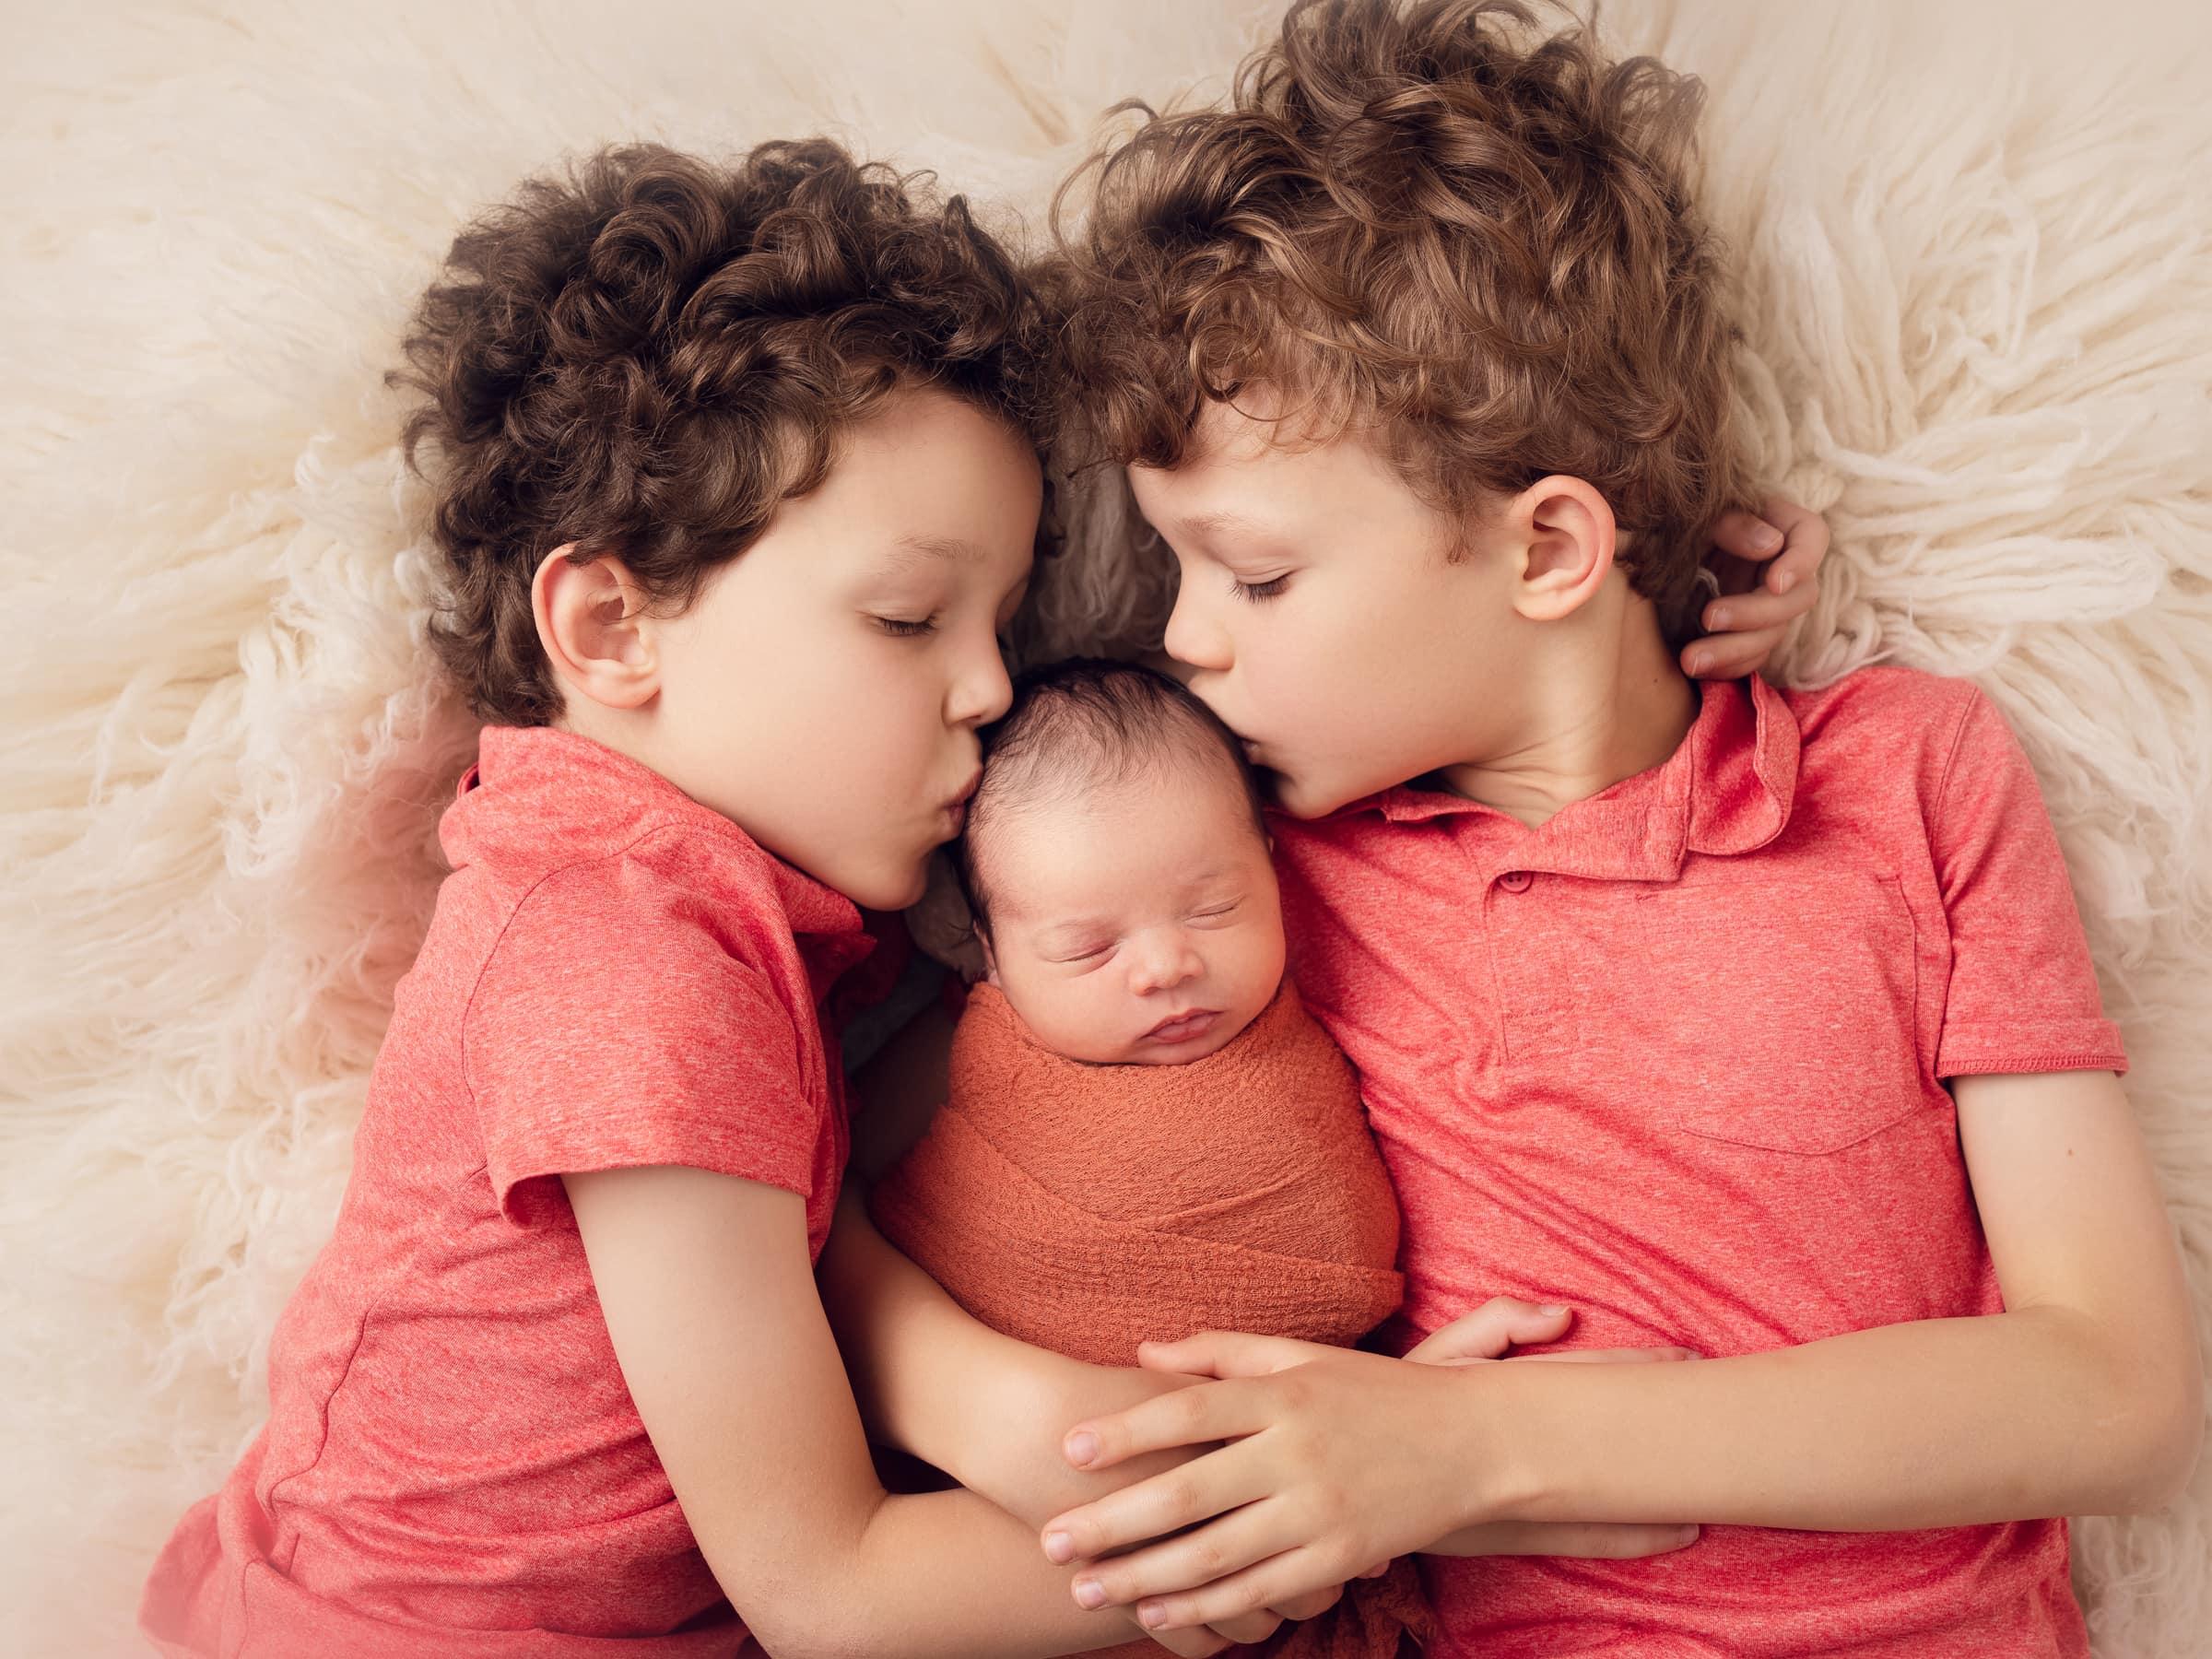 raleigh newborn photographer - baby kian 5